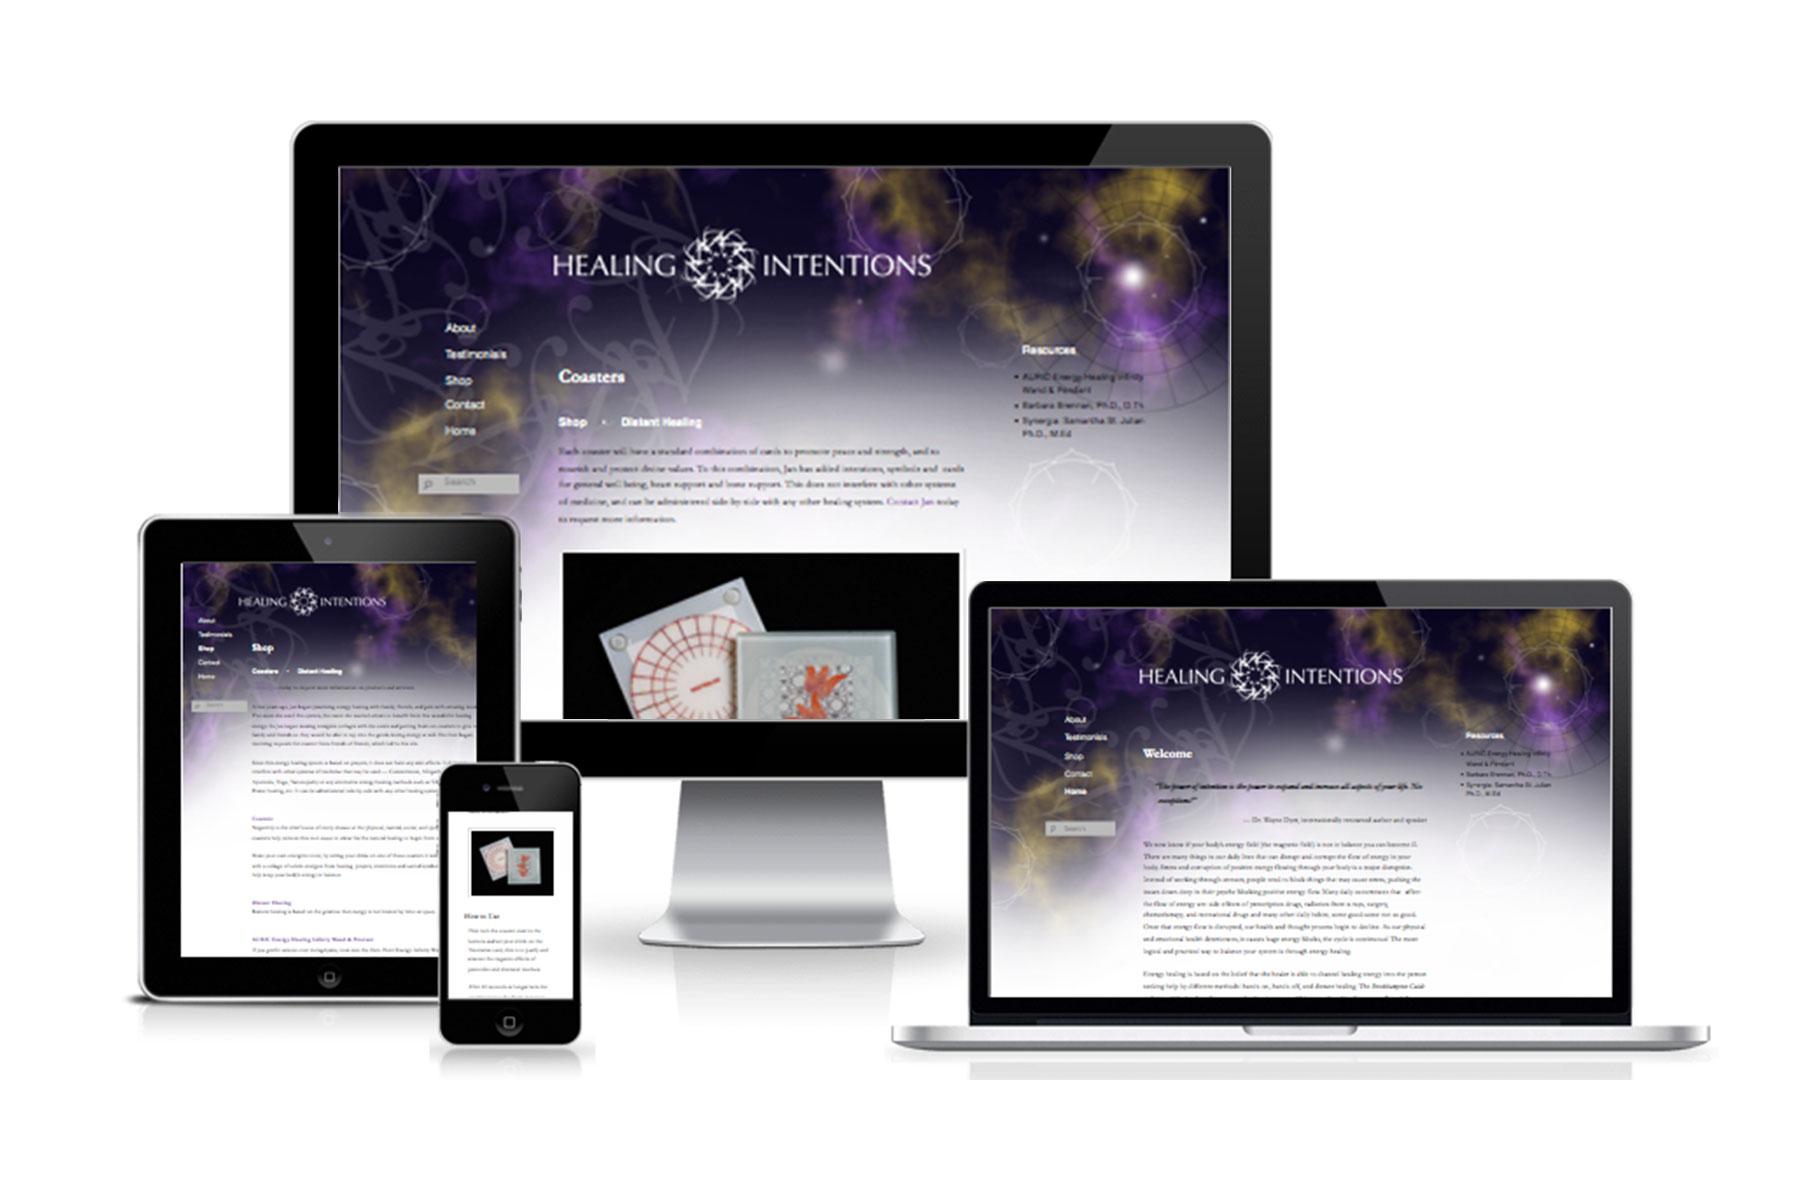 Healing Intentions website